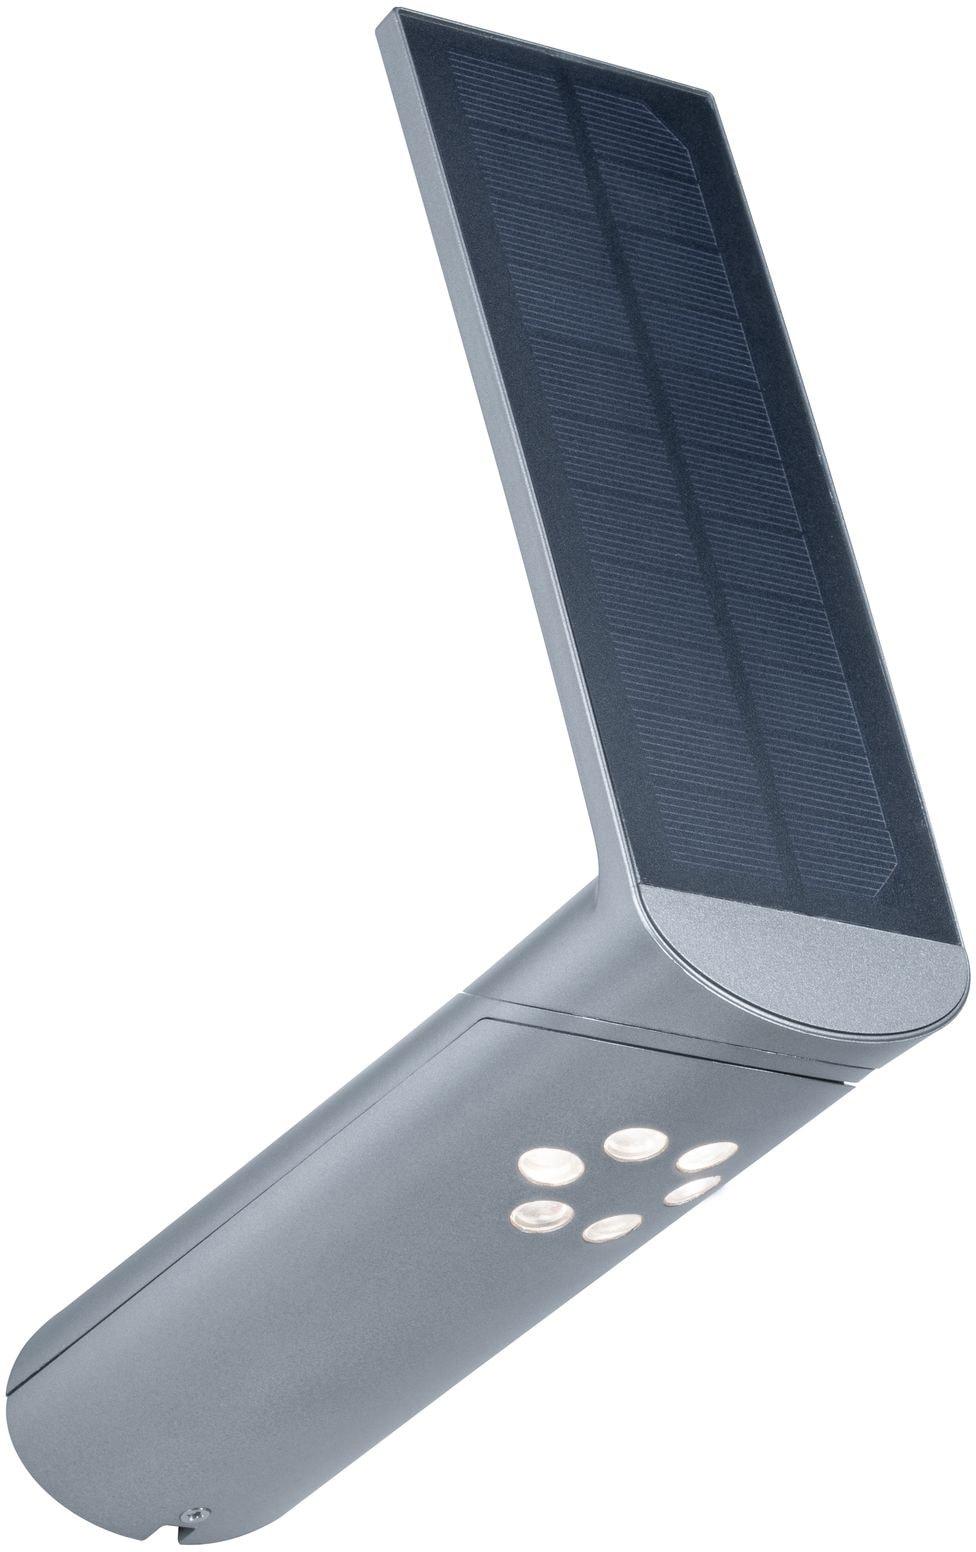 Paulmann LED Außen-Wandleuchte Ilias, LED-Board, 1 St., Warmweiß, Solar, mit Bewegungsmelder